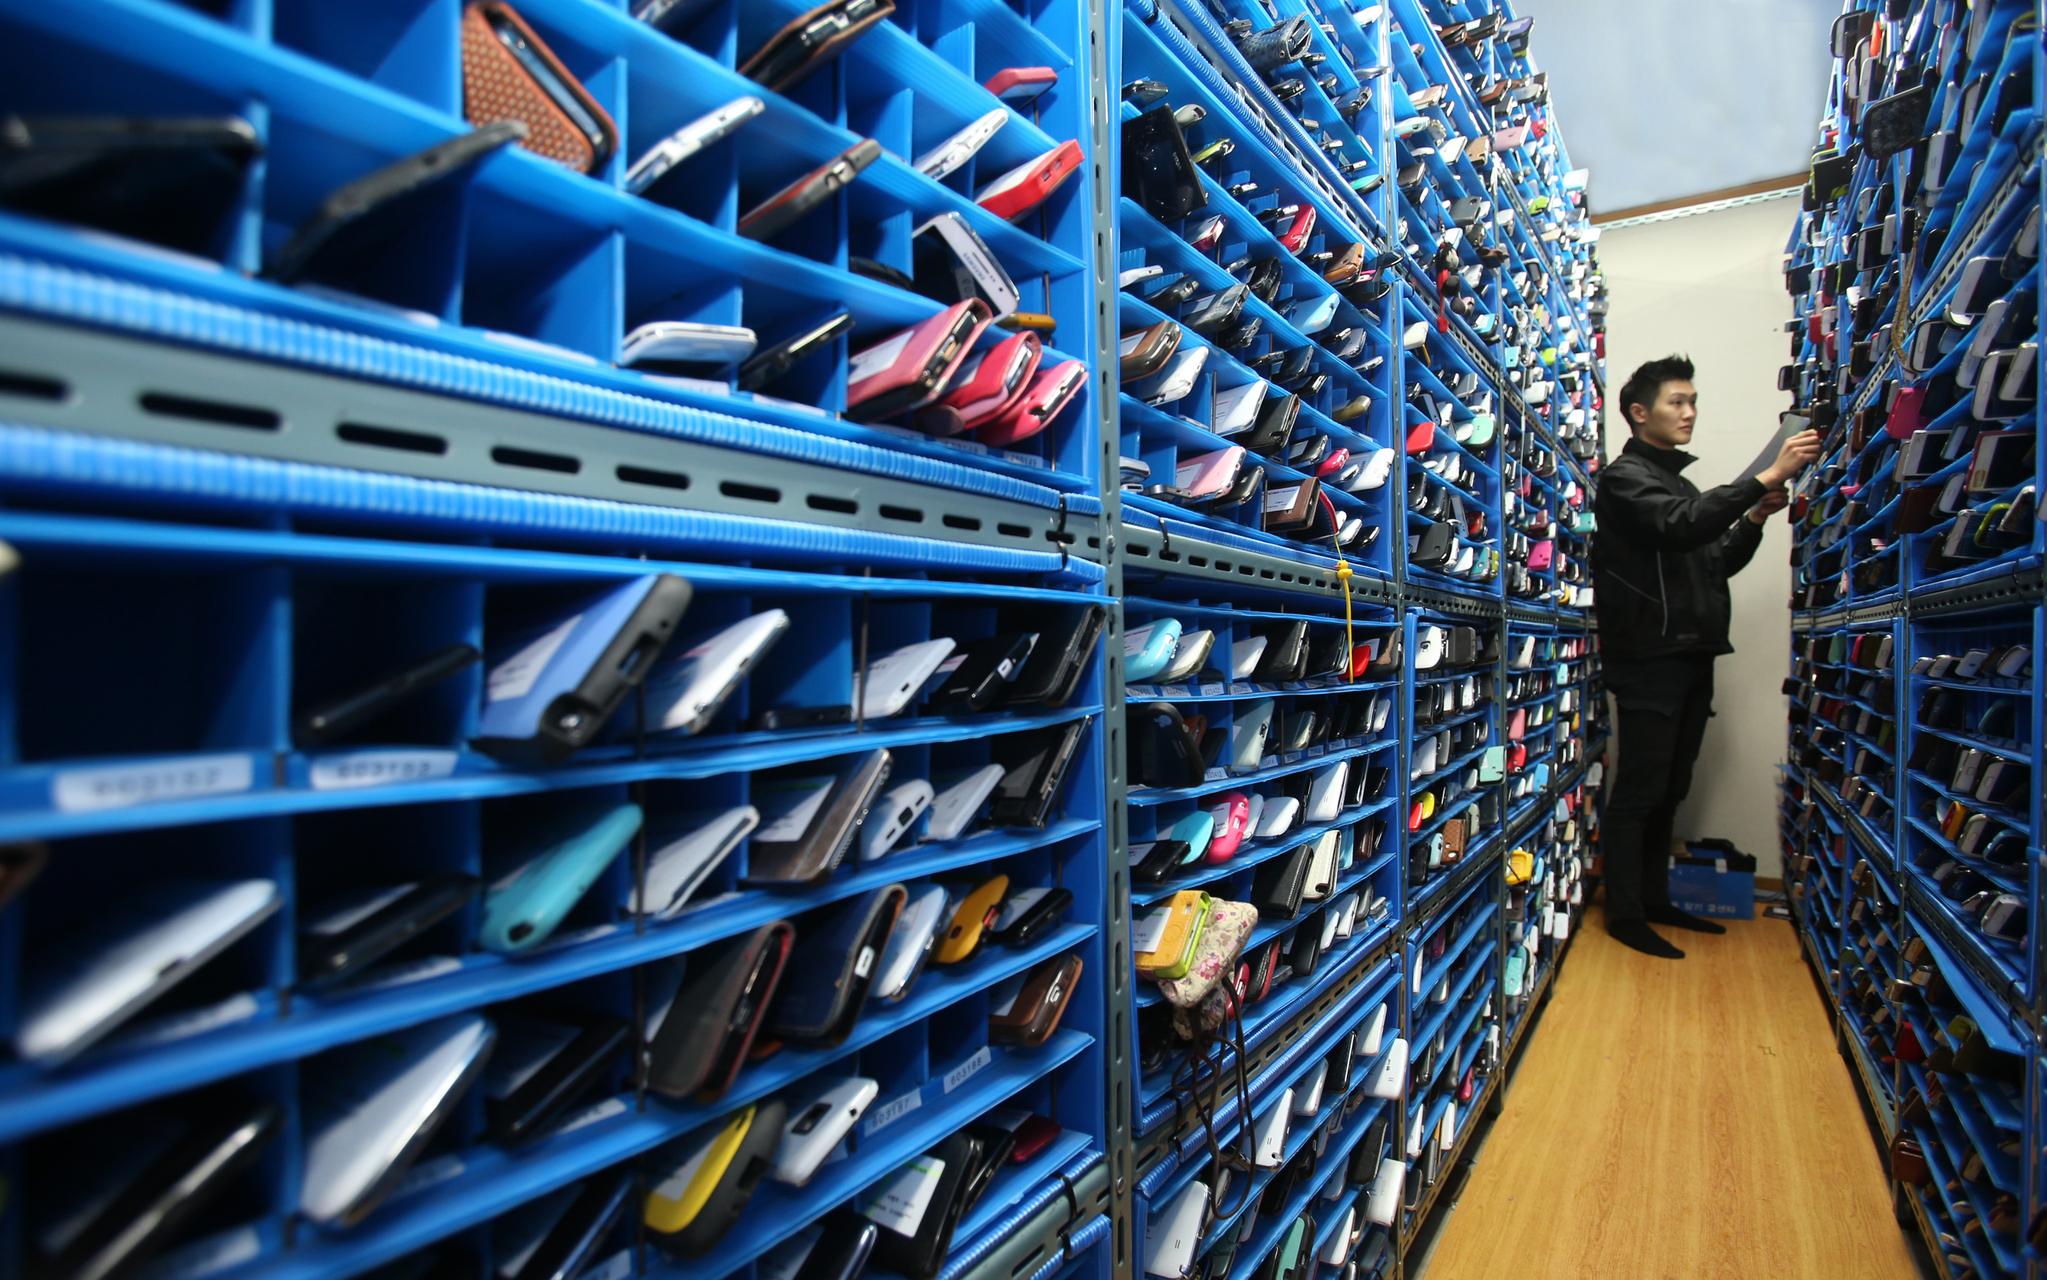 서울 서초동 핸드폰찾기콜센터에는 하루 300여 개의 분실 휴대전화가 들어온다.[중앙포토]